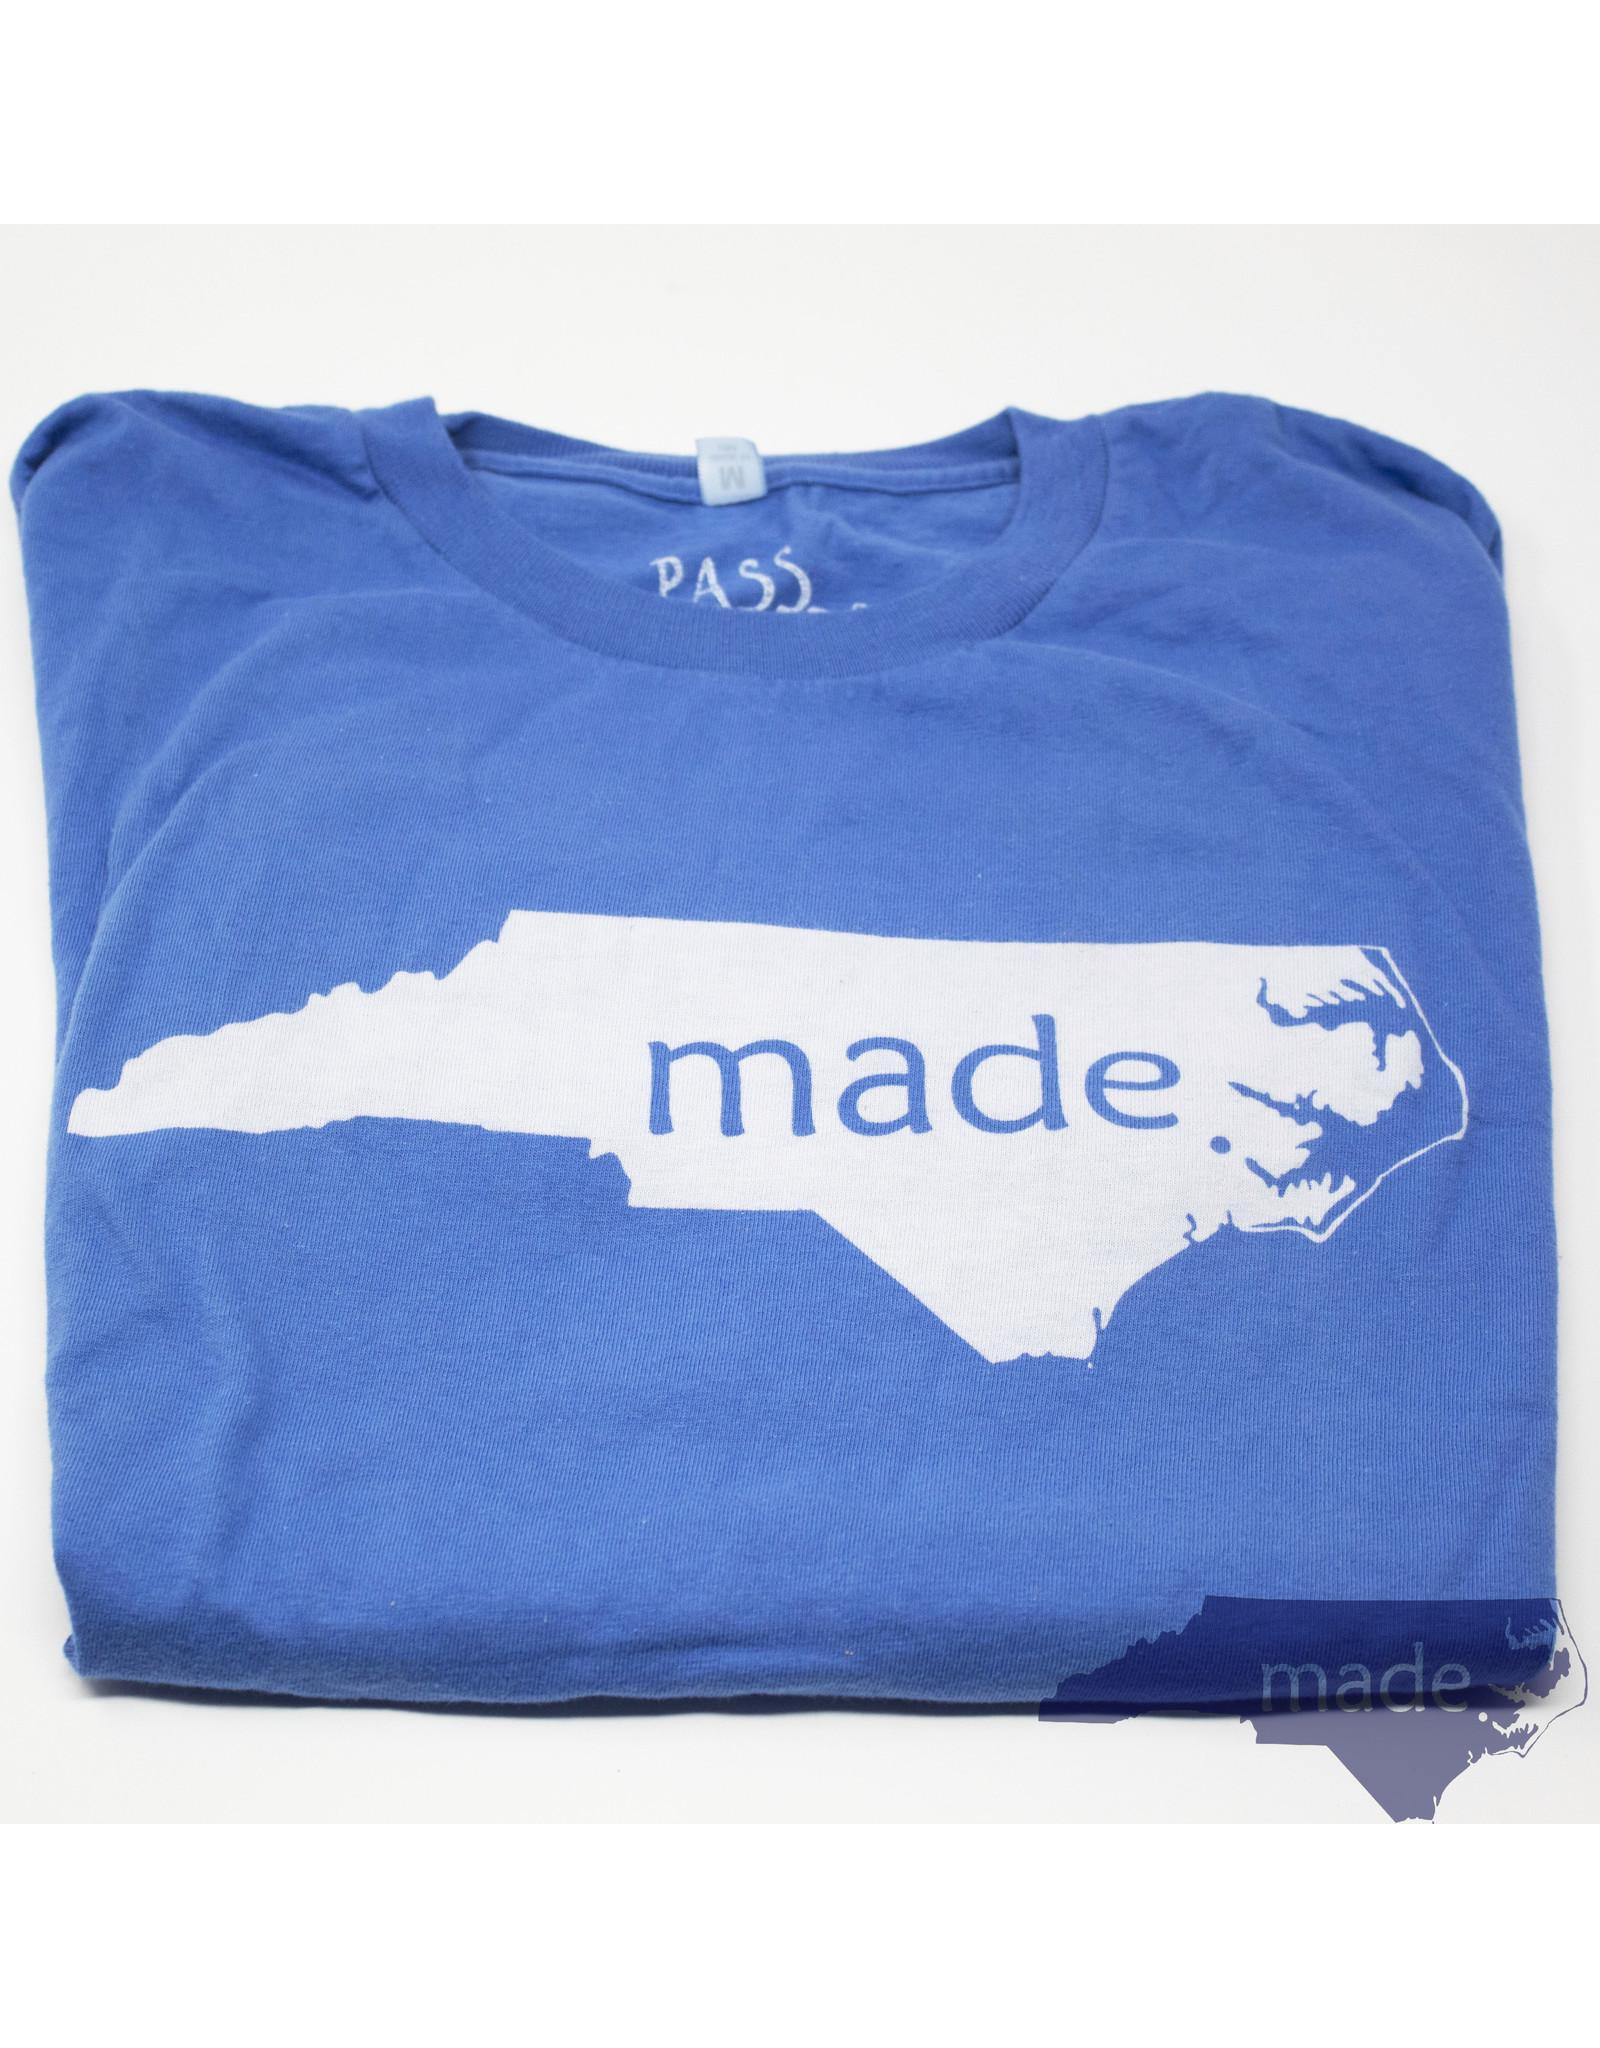 Pass The Gravy Made In NC T Shirt Blue XL - Pass The Gravy